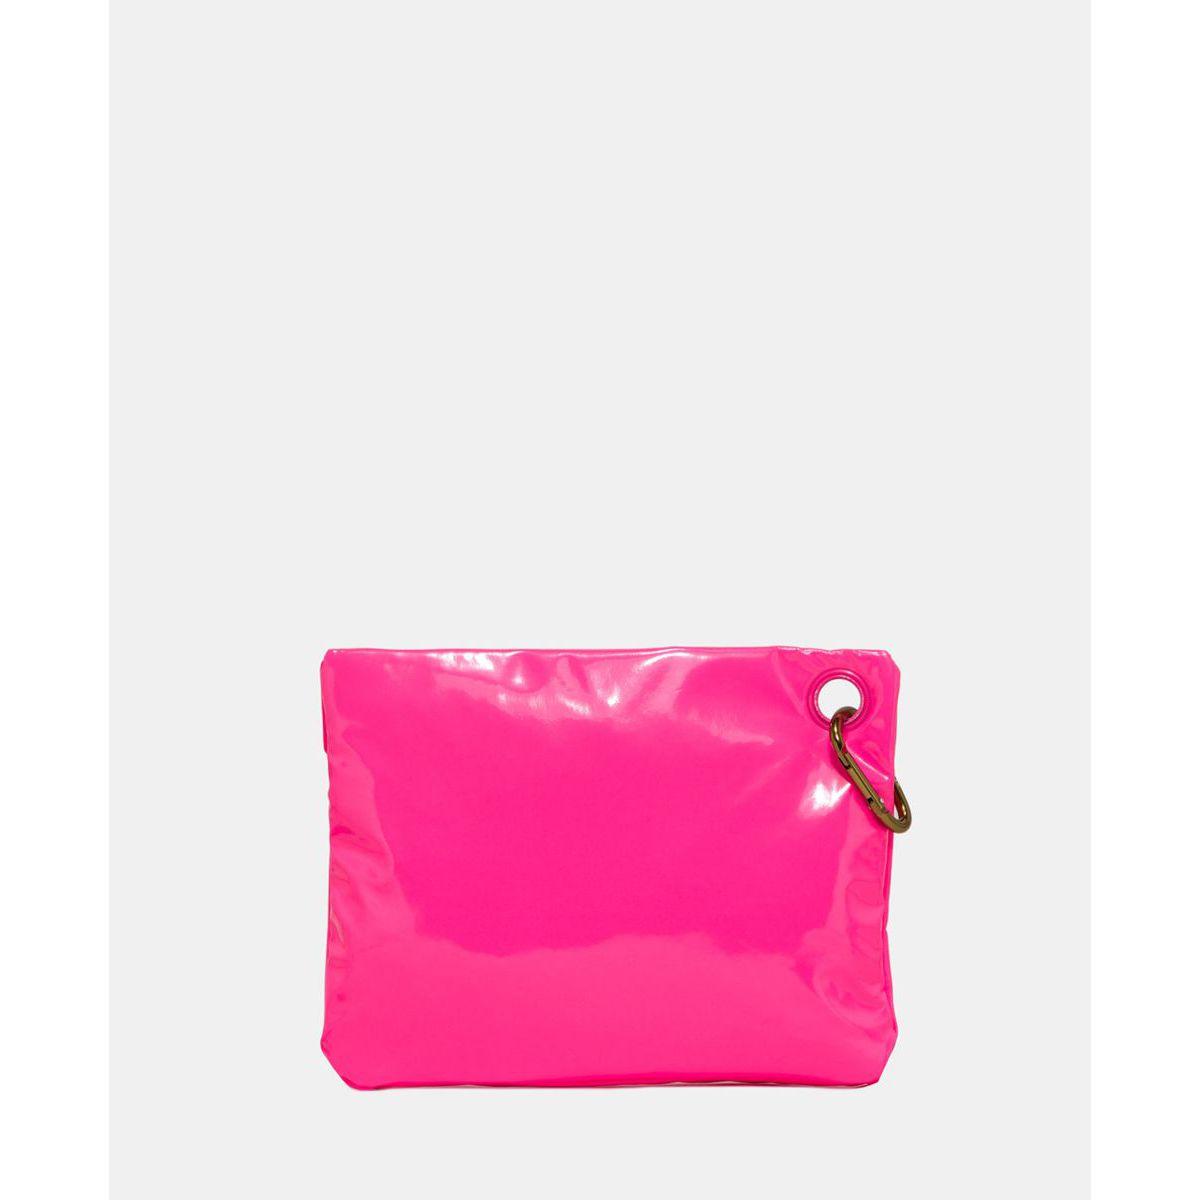 Beach bag Hot pink Sundek